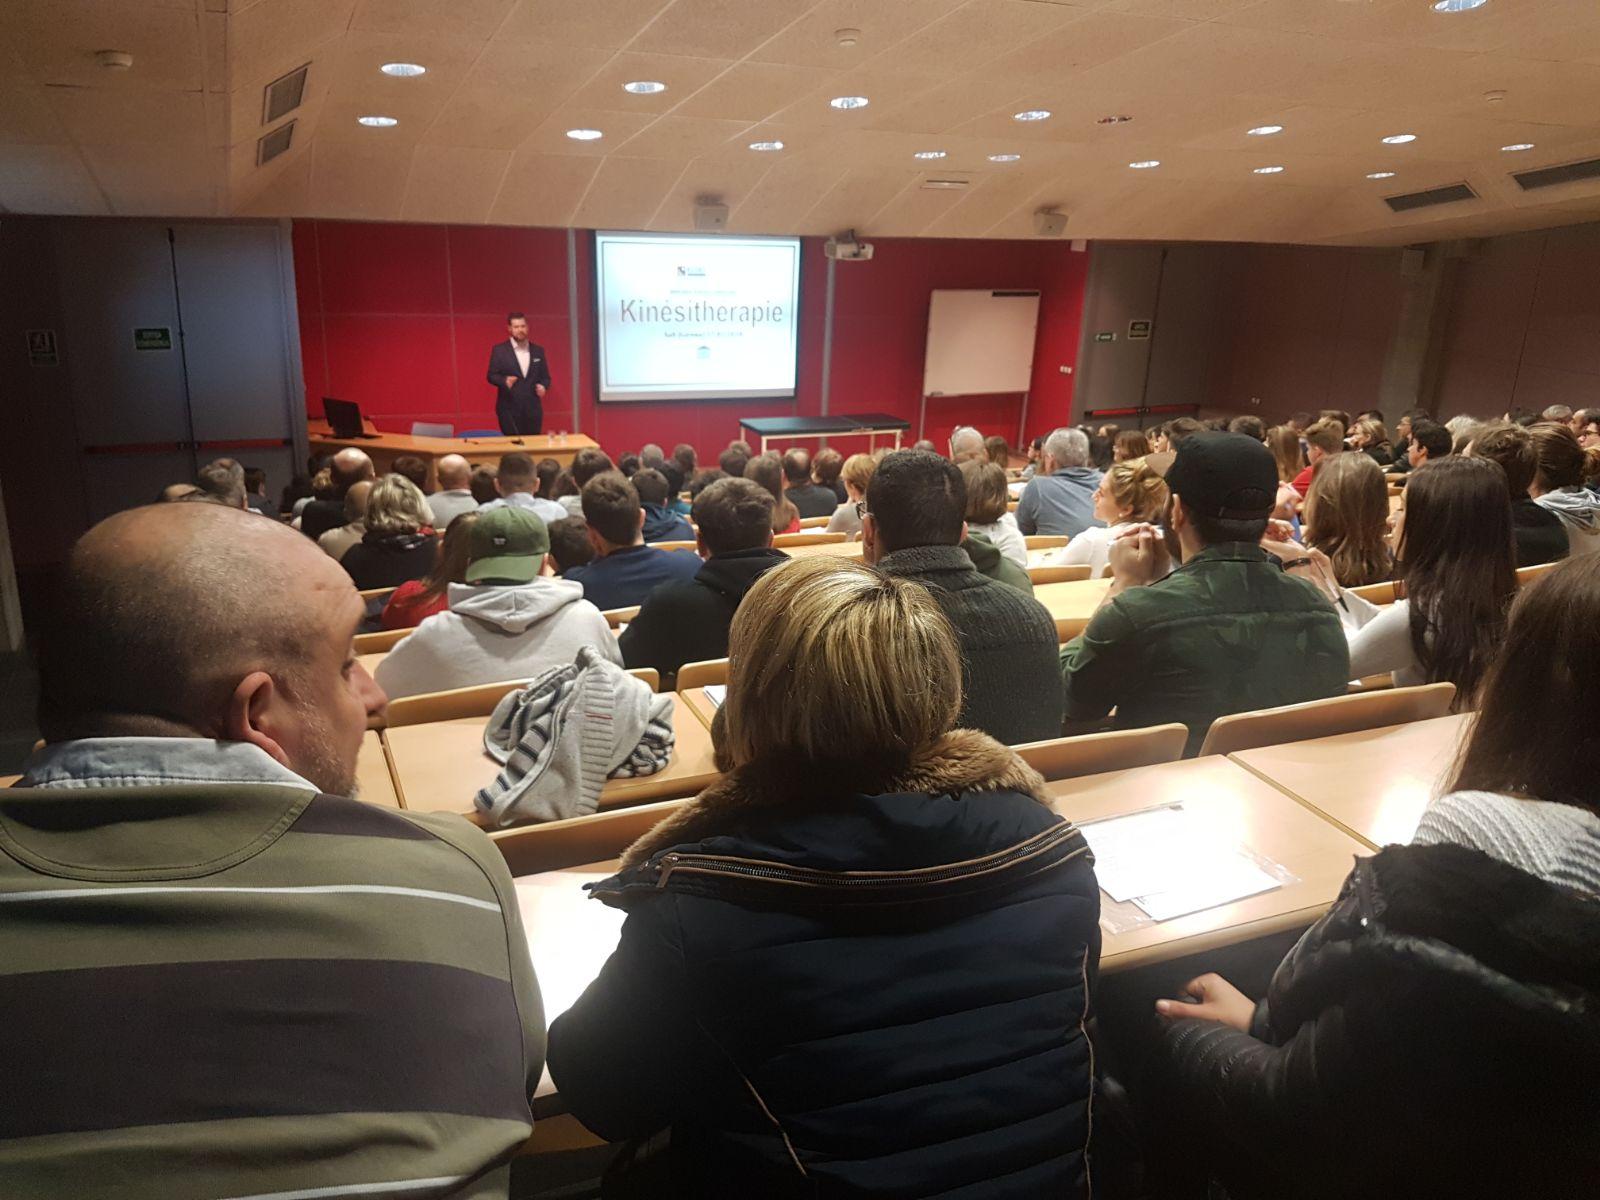 Nombrosa assistència d'interessats en el Grau en Fisioteràpia d'EUSES en la jornada de portes obertes adreçada als estudiants francesos